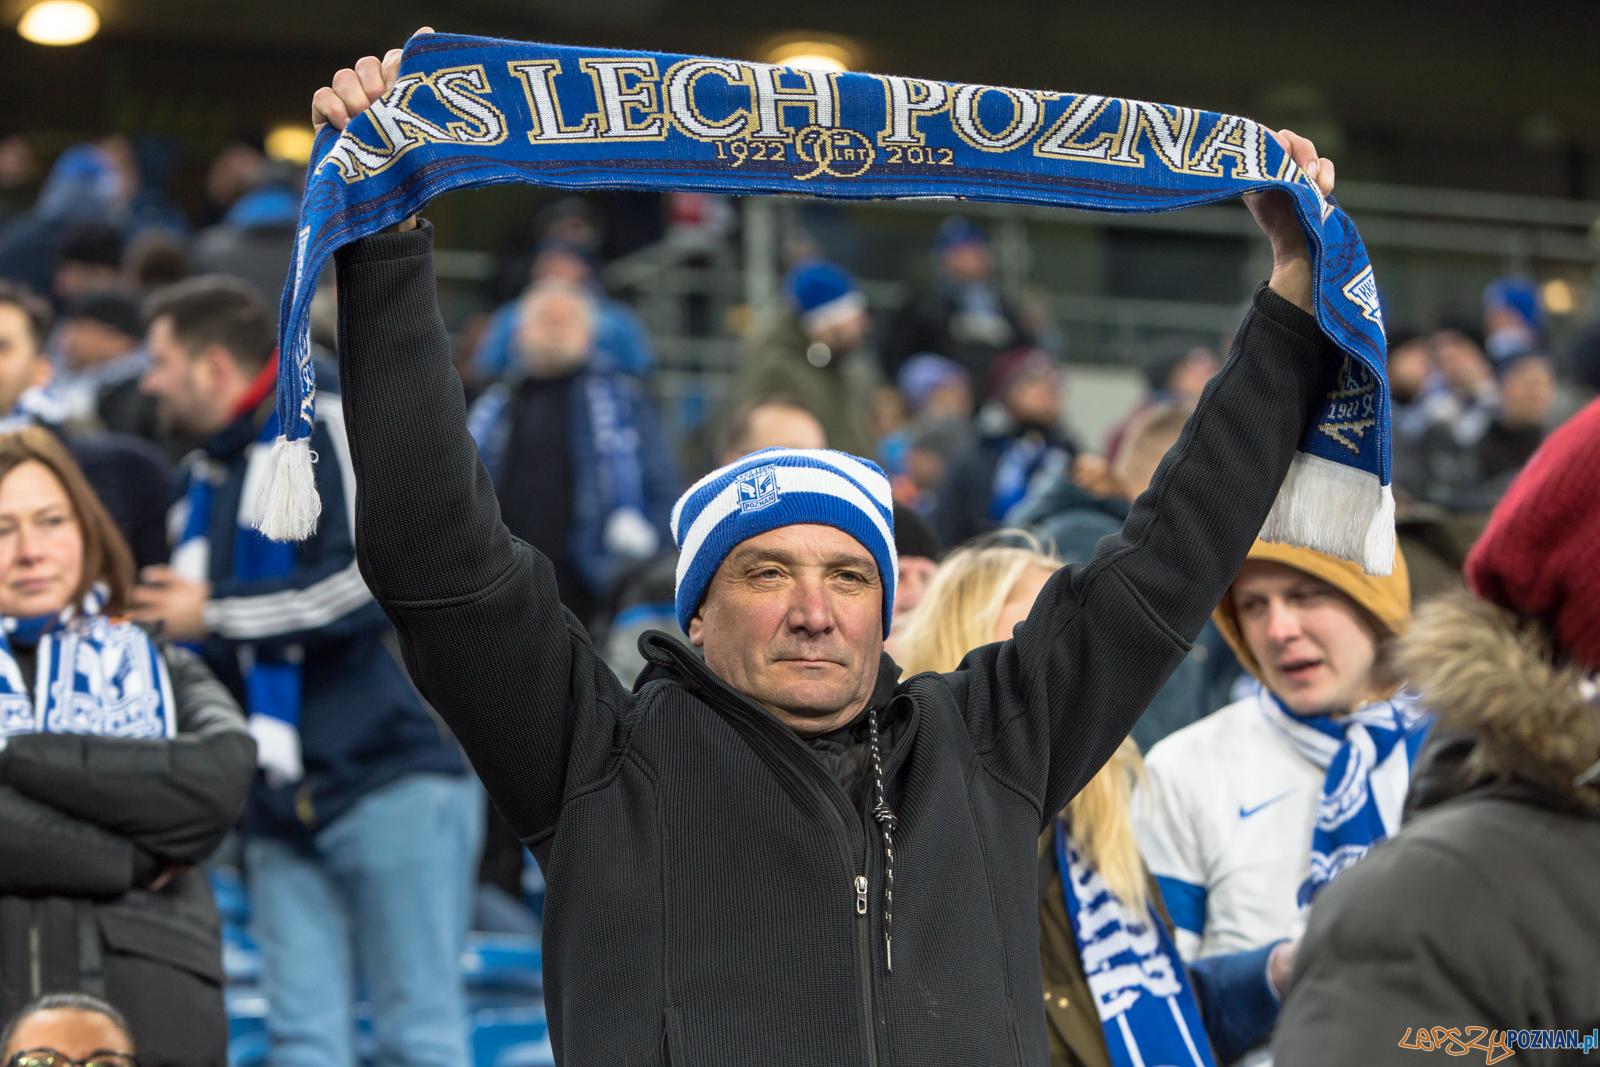 Lech Poznań - Legia Warszawa  Foto: lepszyPOZNAN.pl/Piotr Rychter